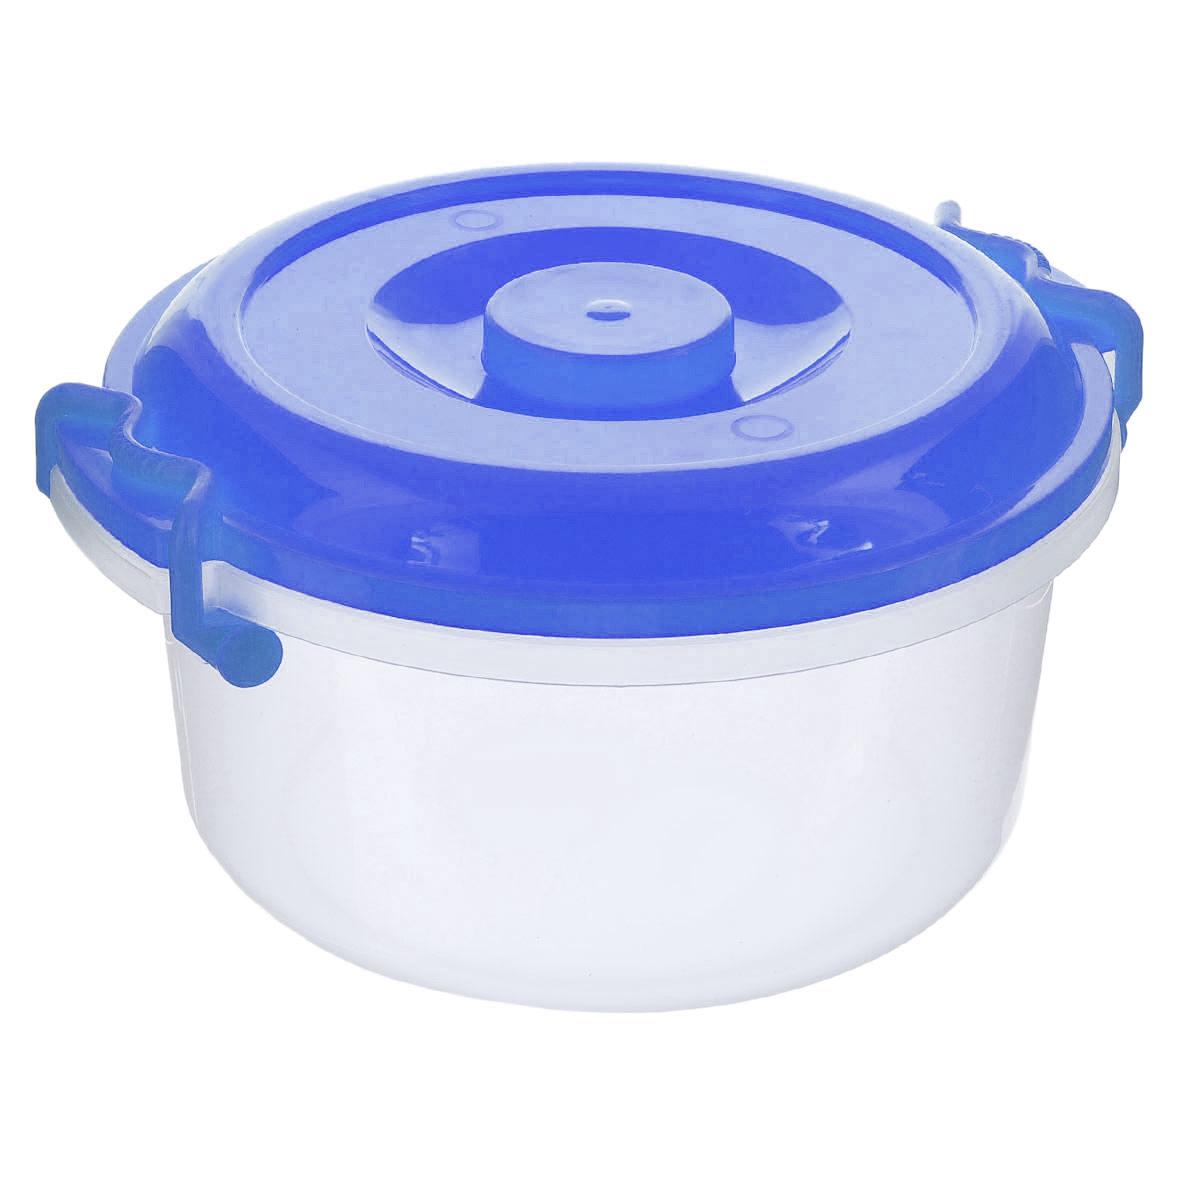 Контейнер Альтернатива, цвет: прозрачный, синий, 5 лМ097Контейнер Альтернатива изготовлен из высококачественного пищевого пластика. Изделие оснащено крышкой и ручками, которые плотно закрывают контейнер. Также на крышке имеется ручка для удобной переноски. Емкость предназначена для хранения различных бытовых вещей и продуктов. Такой контейнер очень функционален и всегда пригодится на кухне. Диаметр контейнера (по верхнему краю): 25 см. Высота стенок: 13,5 см. Объем: 5 л.